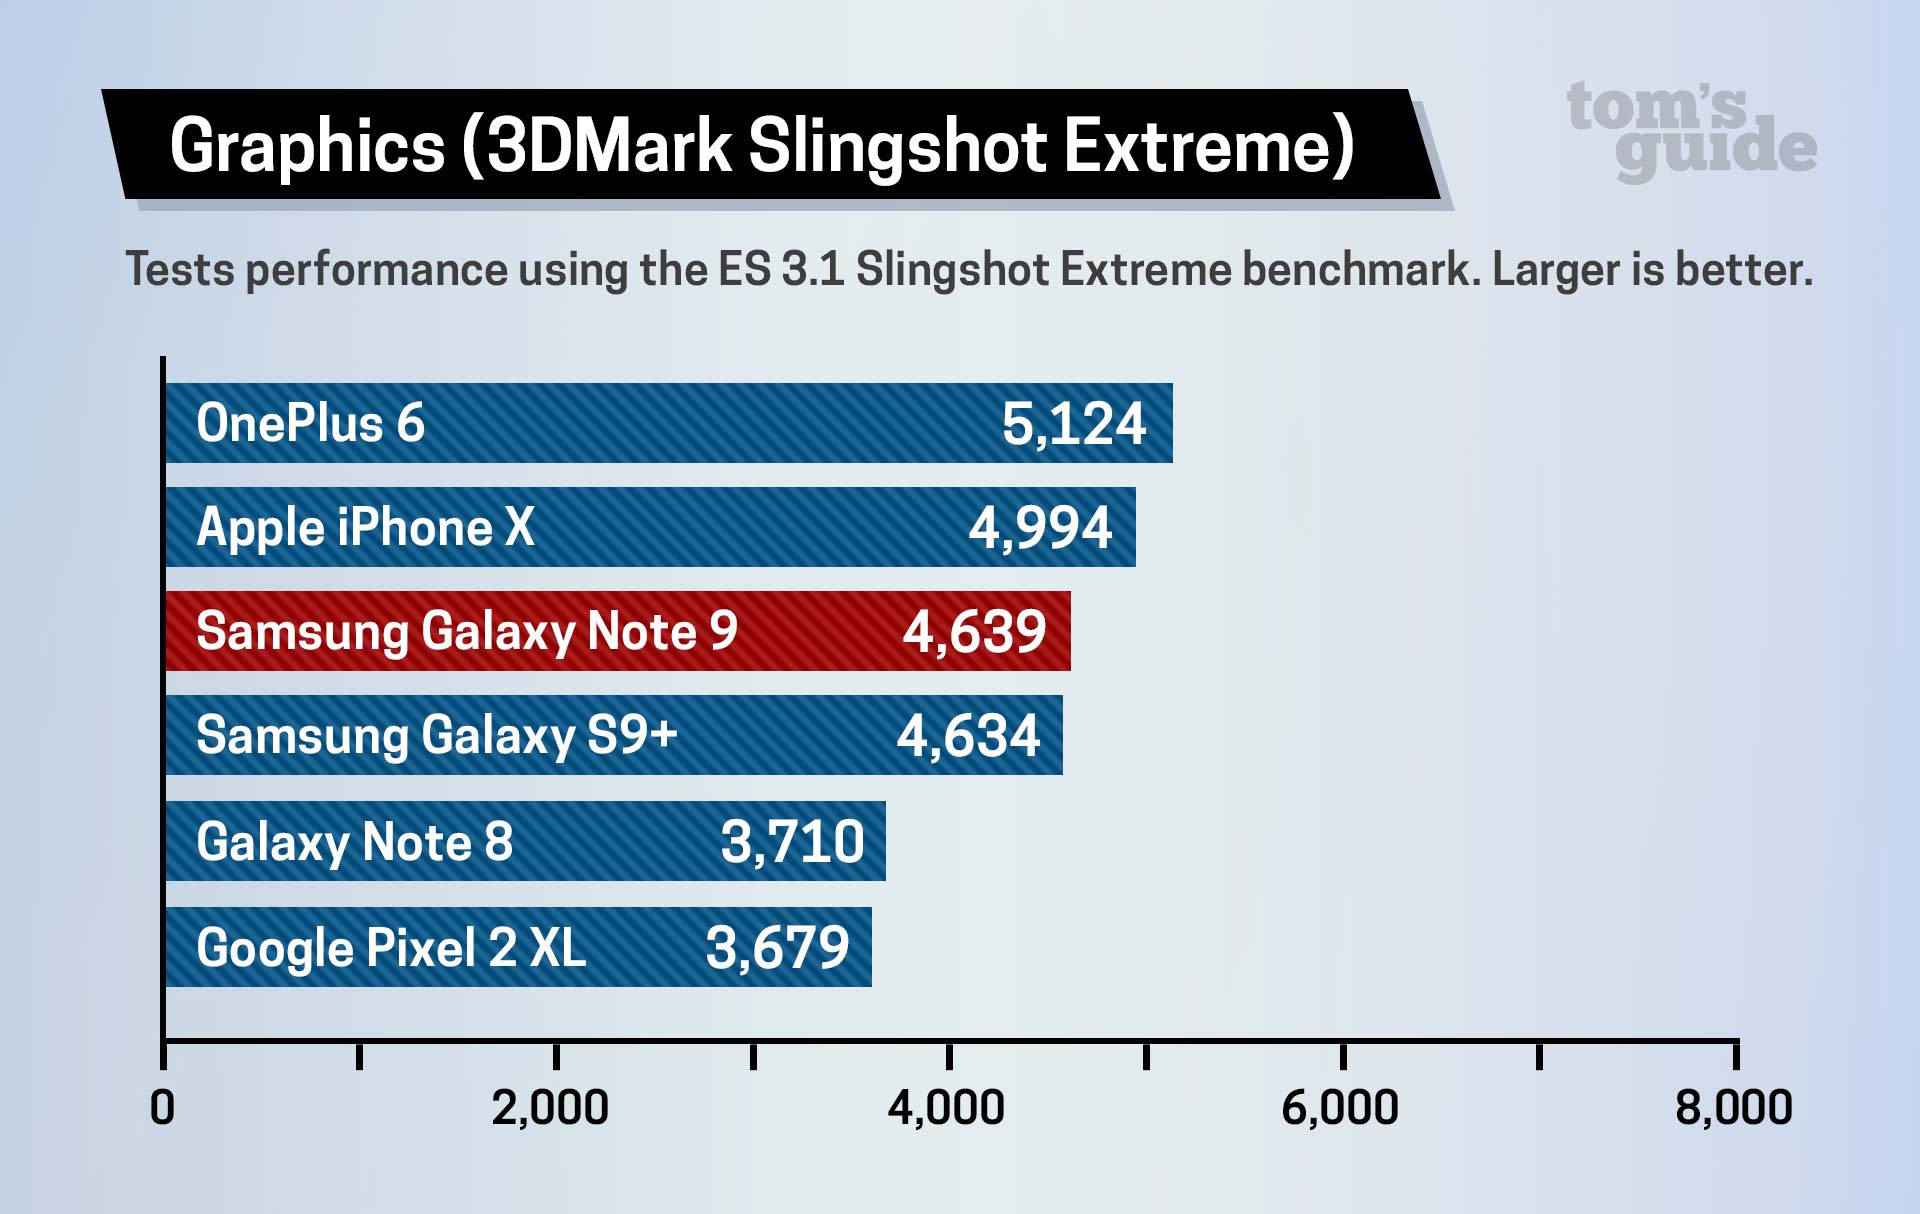 Rendimiento de la GPU, el OnePlus 9 gana y el iPhone X queda en segundo lugar